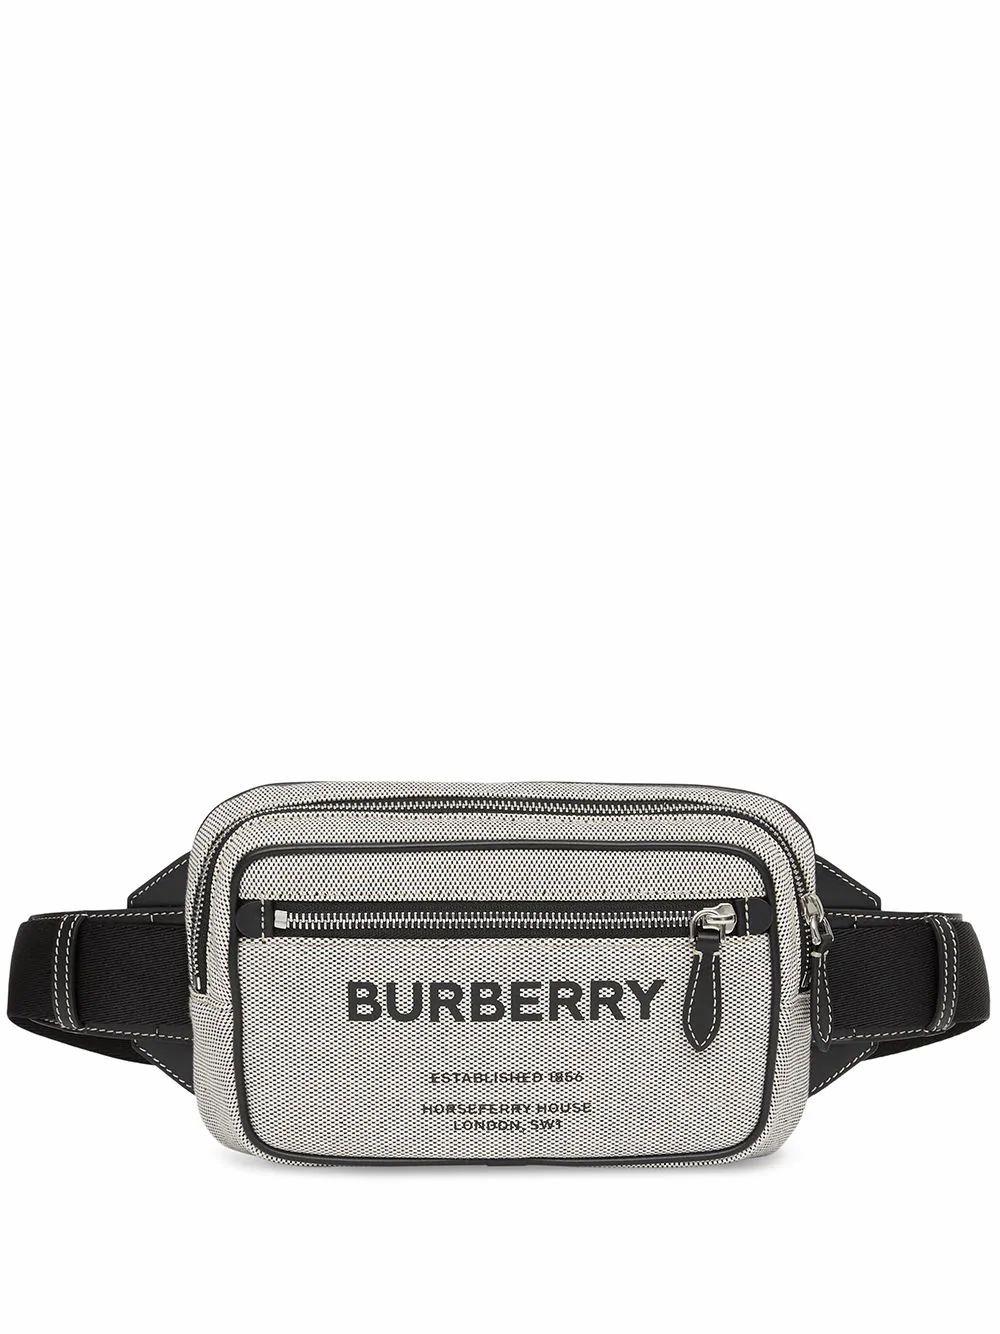 Burberry Leathers BURBERRY MEN'S BLACK COTTON BELT BAG